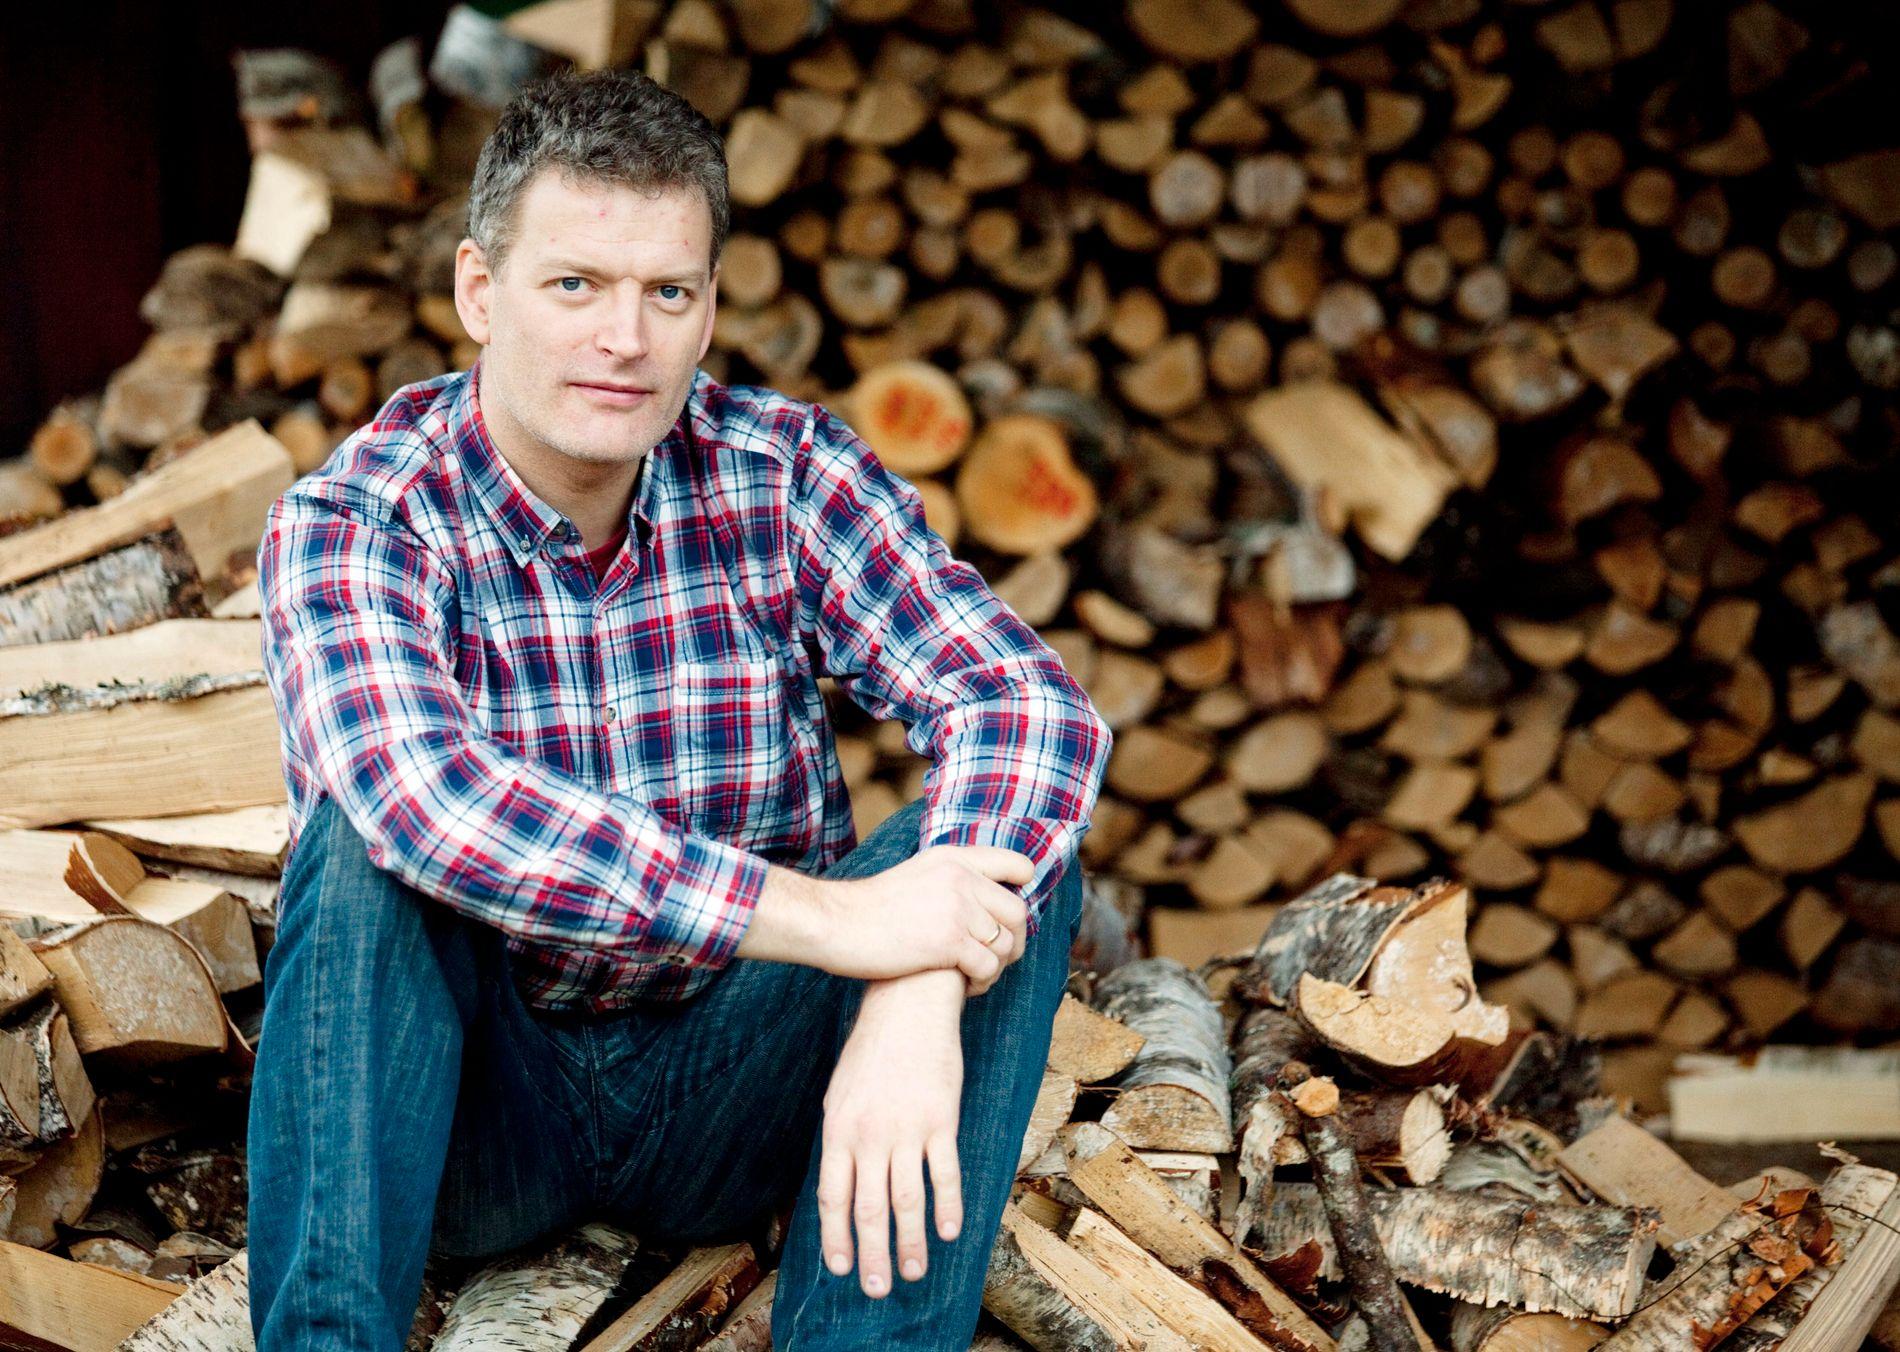 VERDENS VEDMANN: Vedboka til Lars Mytting har solgt over en halv million eksemplarer internasjonalt, blitt en snakkis i Storbritannia der den har solgt over 100.000 eksemplarer, og denne uken ble «Norwegian wood» kåret til Årets sakprosabok under den prestisjefylte The British Book Industry Awards - som arrangeres av The Bookseller.